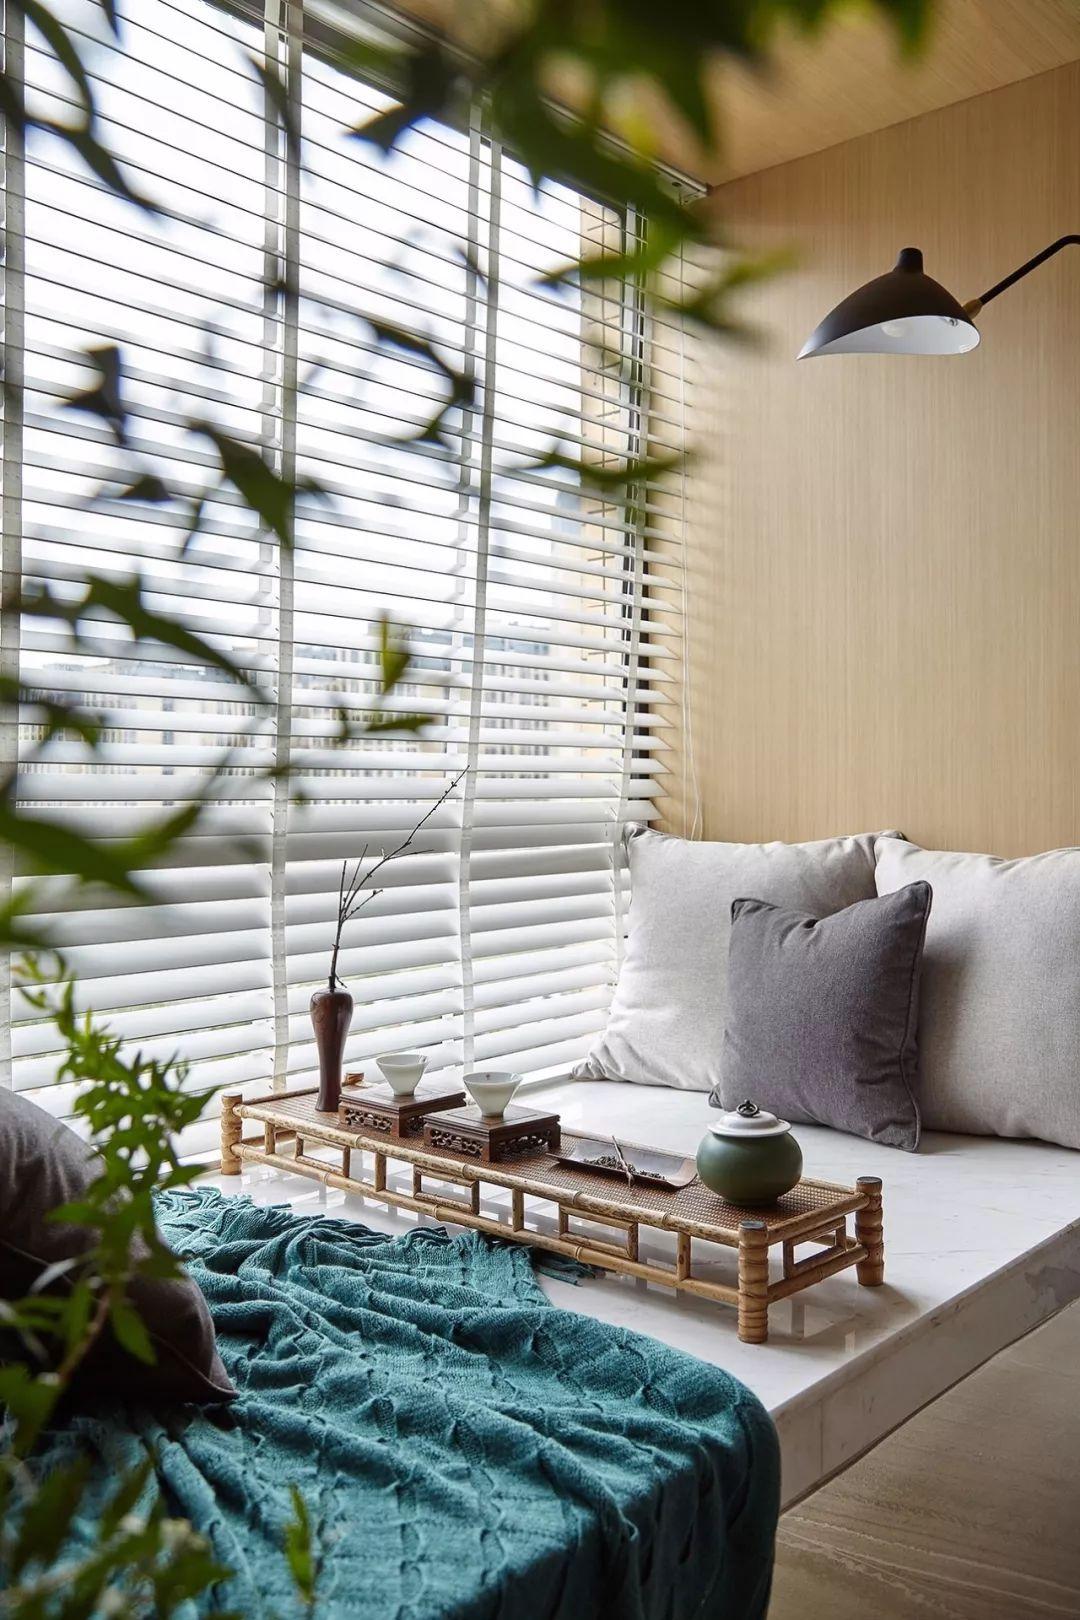 家里有飘窗该如何设计?这些方案能让你多些思路_13